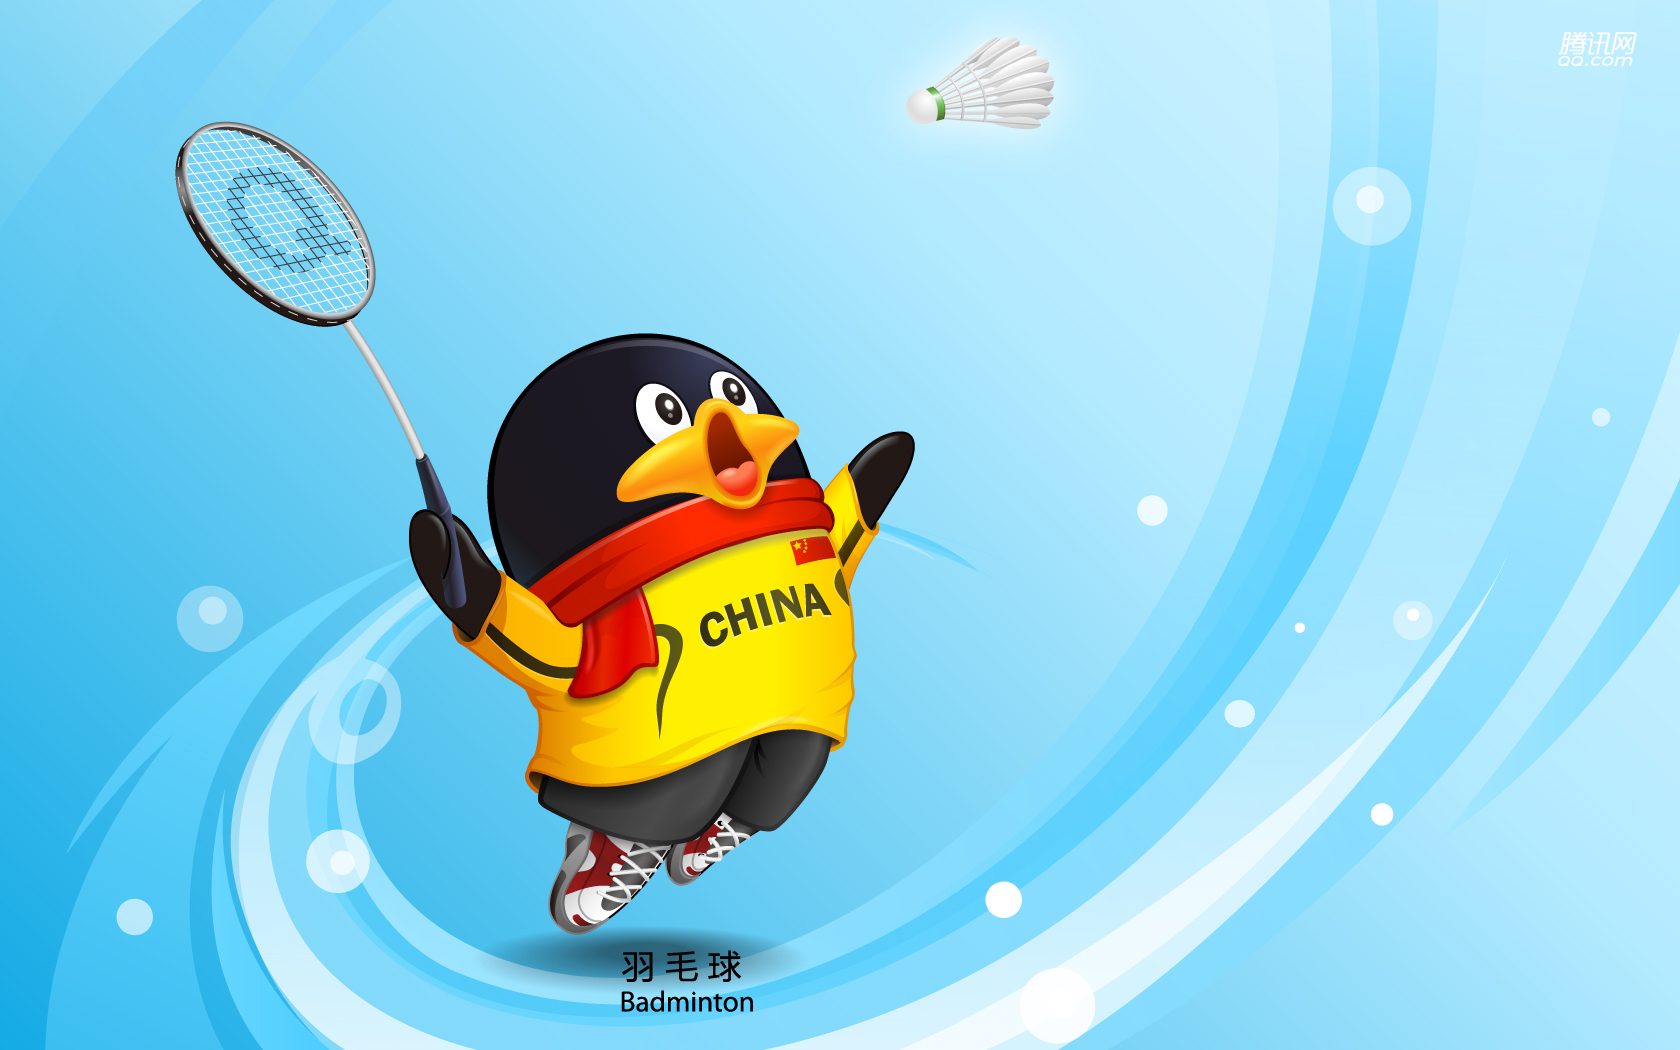 Пекин олимпиада 2008, символ, пингвин, бадминтон, скачать фото, обои для рабочего стола